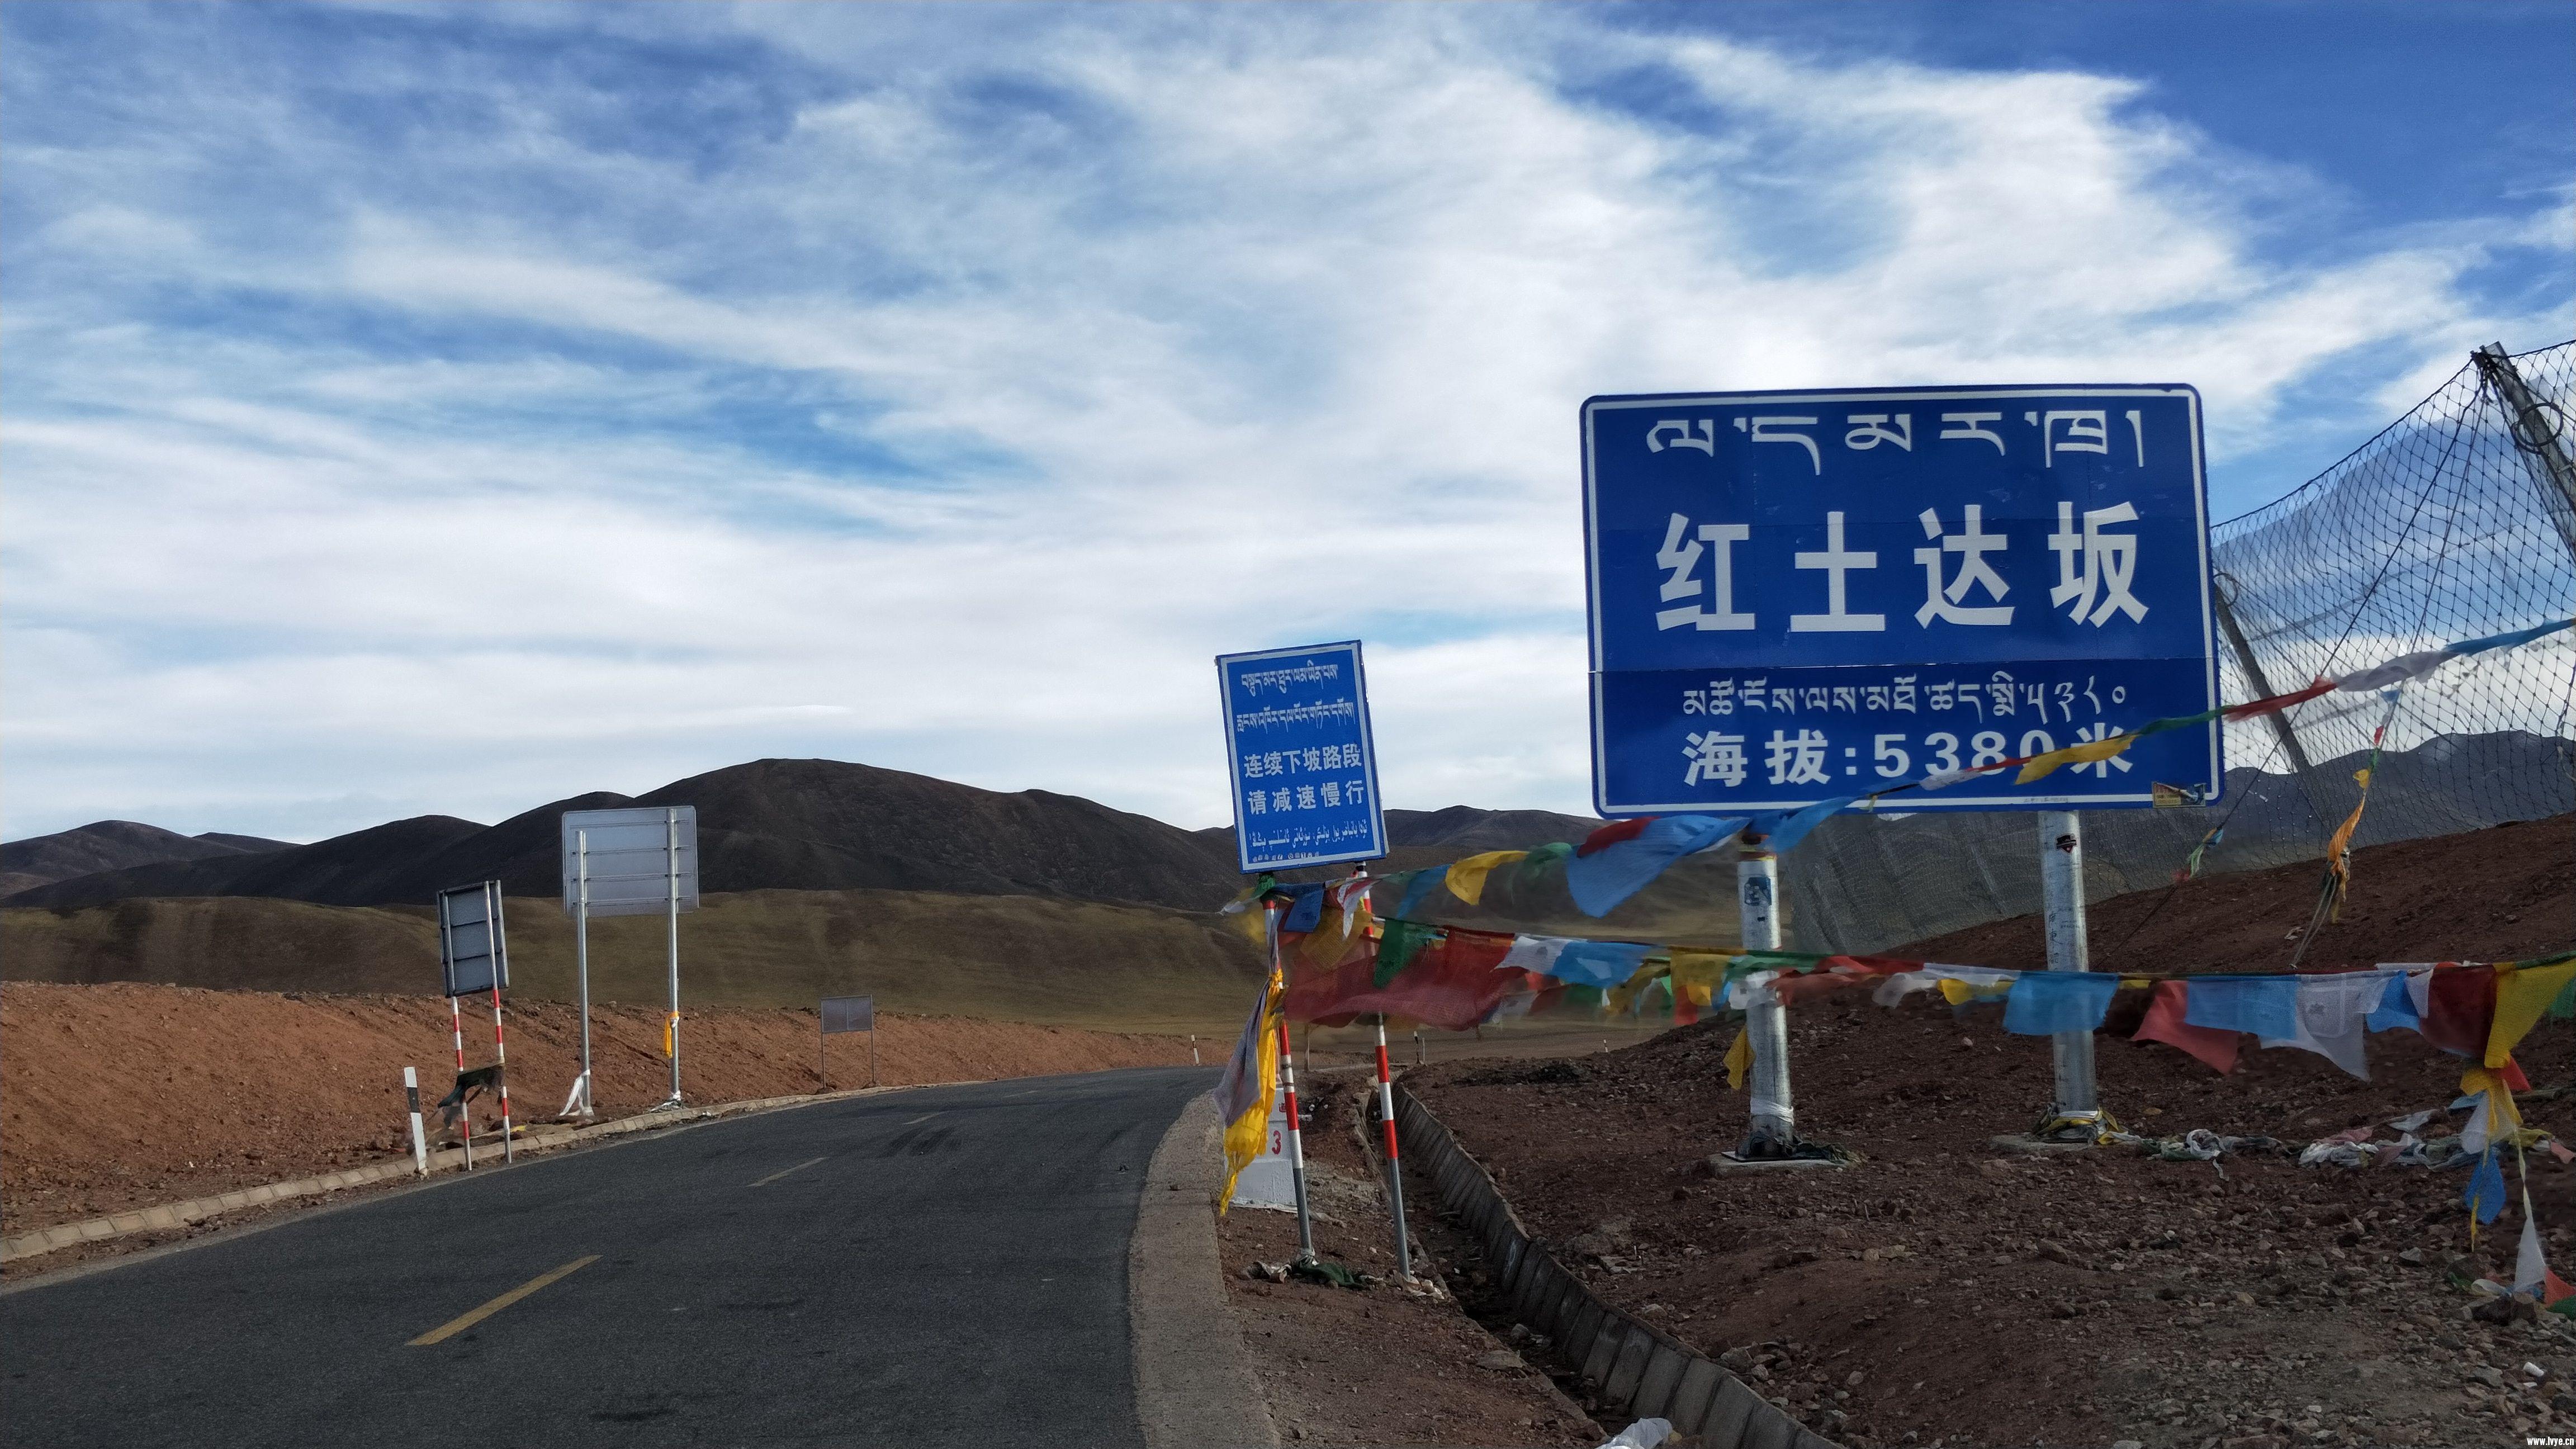 新藏线 - 西藏 (87).jpg